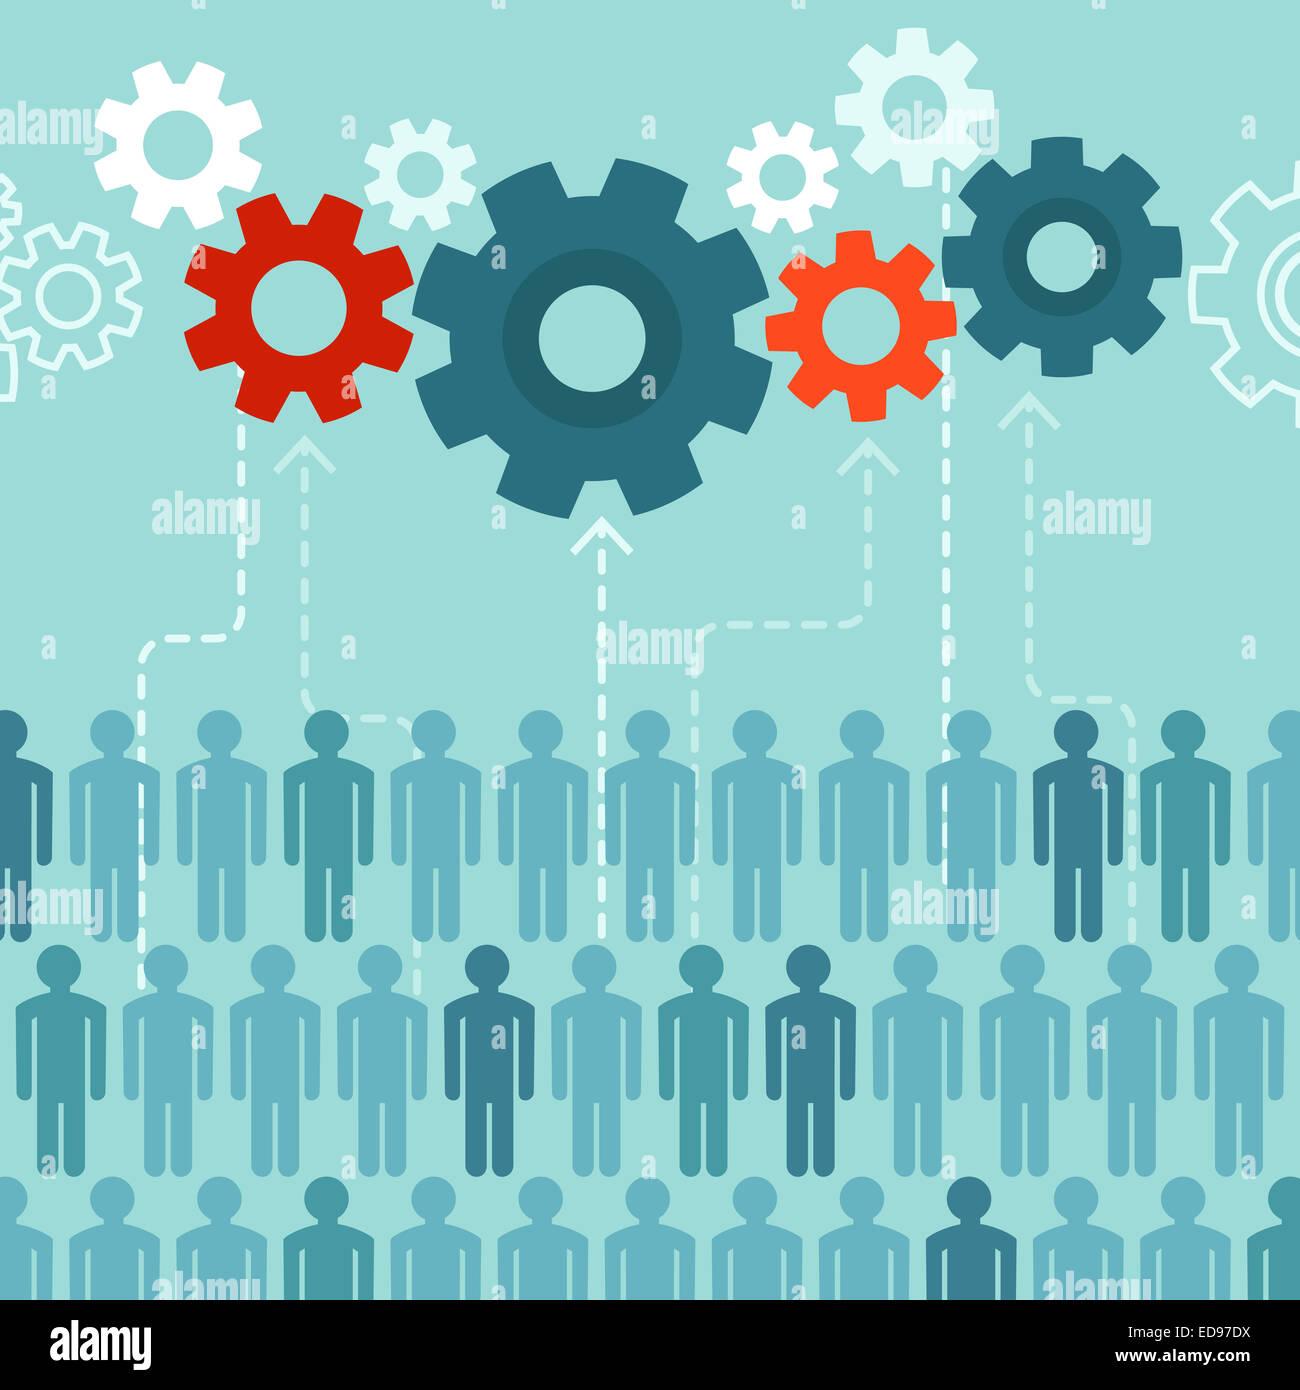 Concetto di crowdsourcing in stile piatto - abstract gruppo di persone che partecipano a generare contenuti Immagini Stock